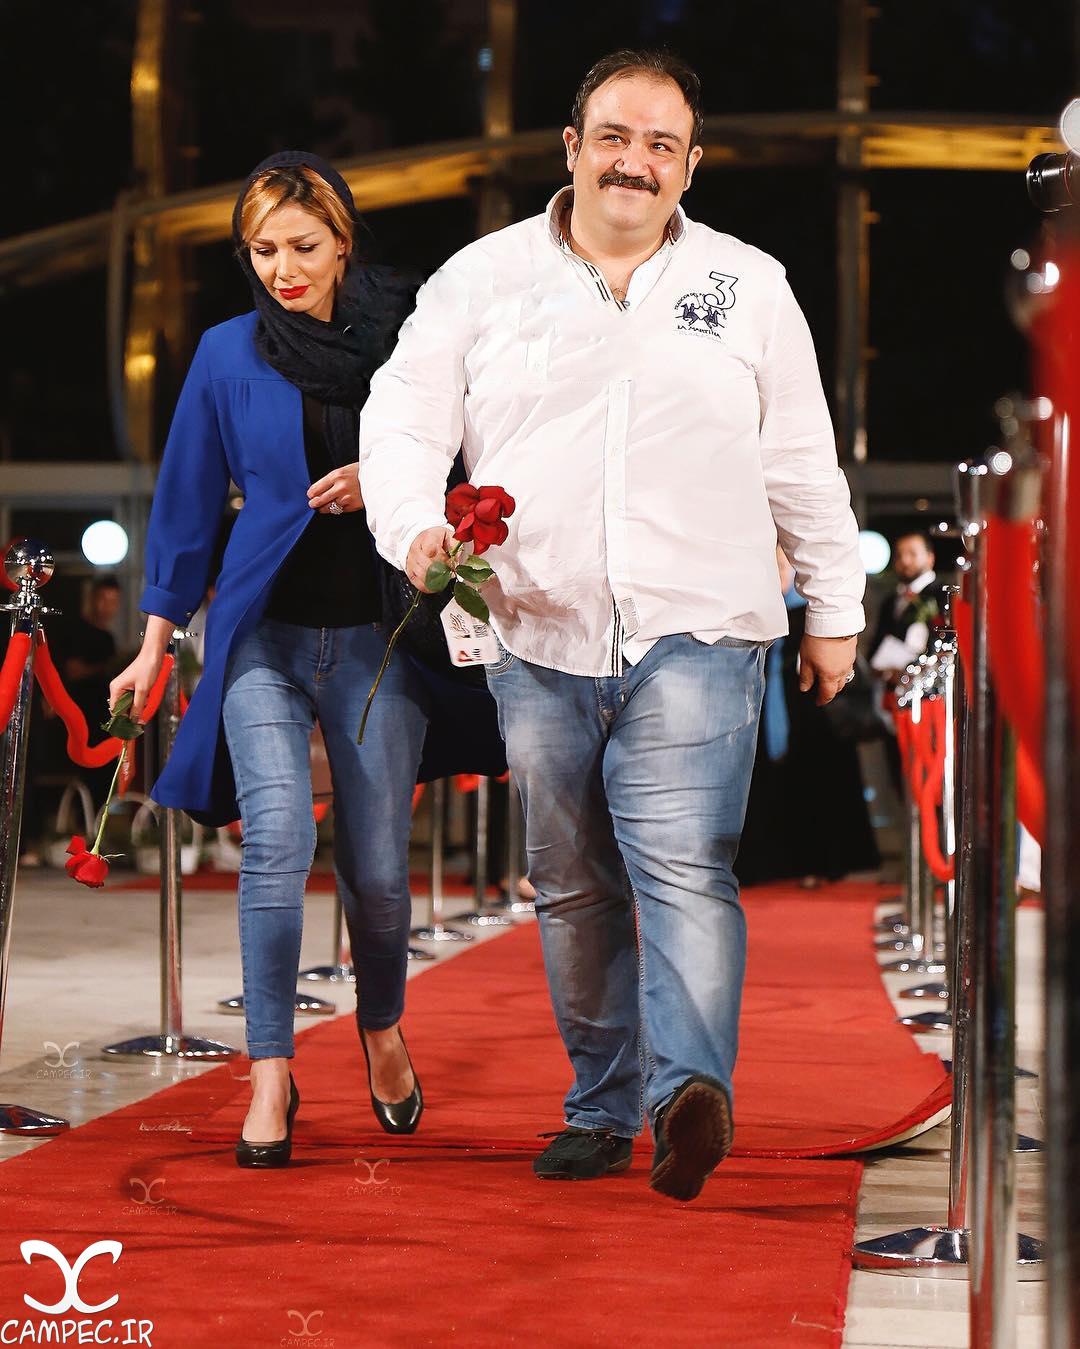 مهران غفوریان با همسرش در جشن حافظ